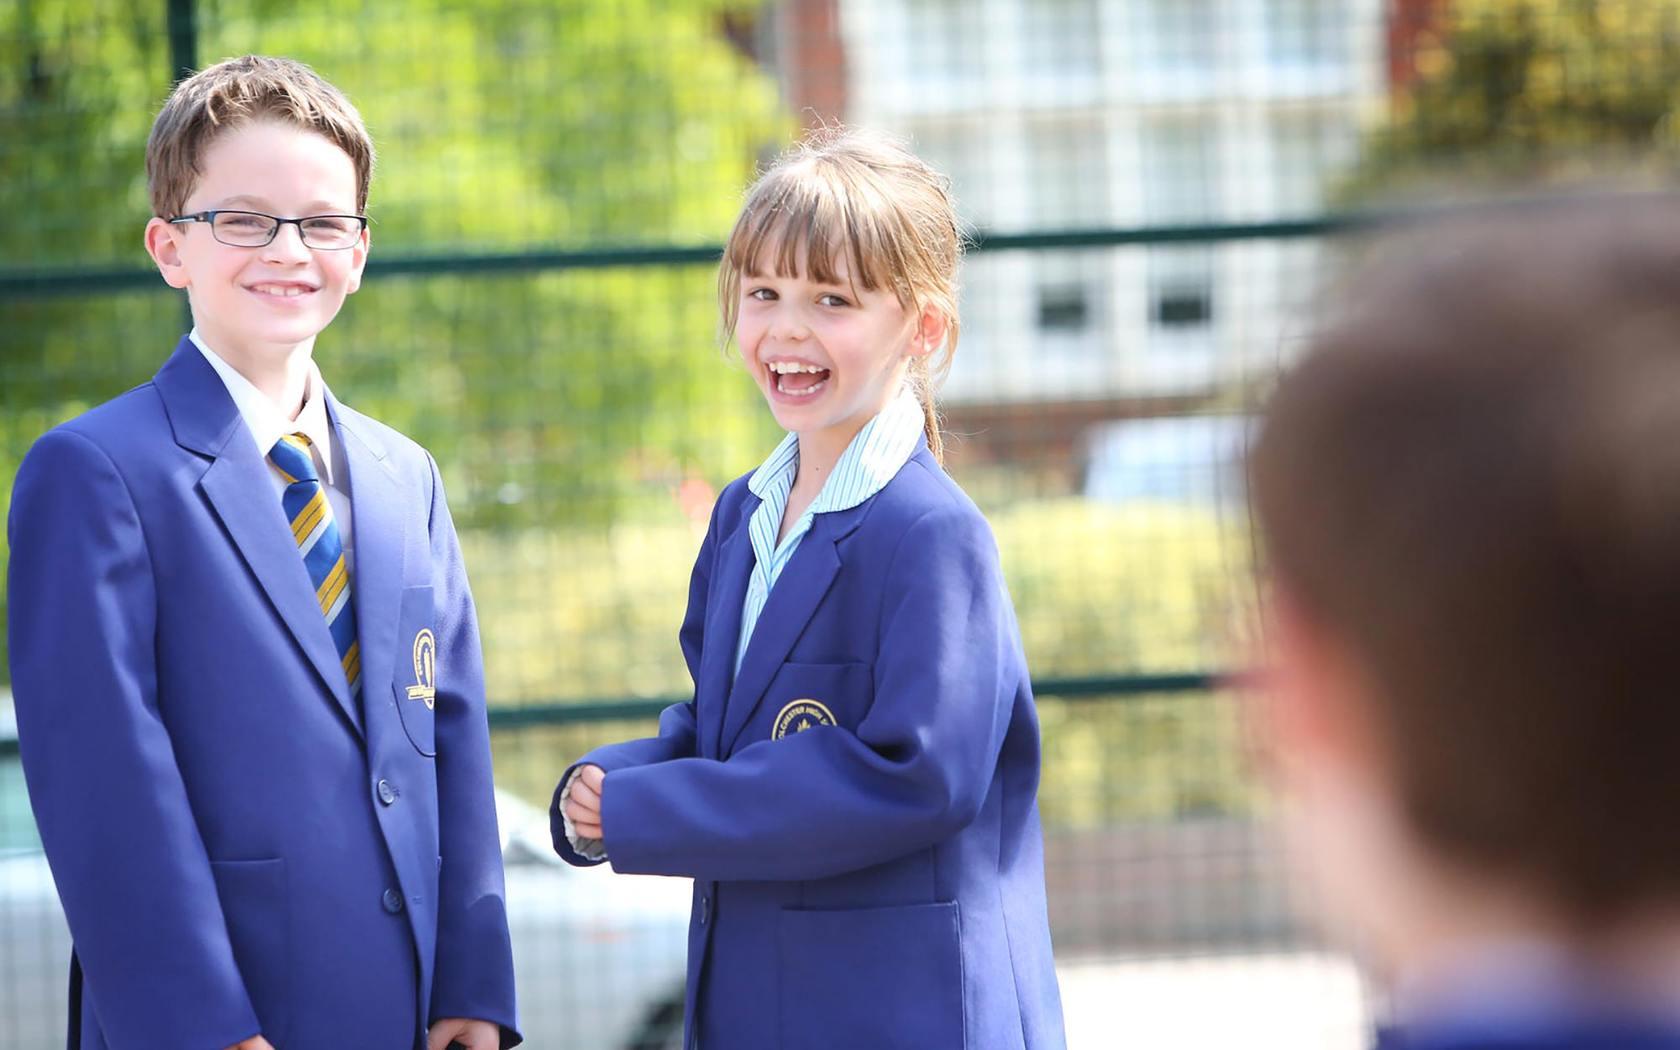 Младшая школа Англии: поступить в правильном возрасте